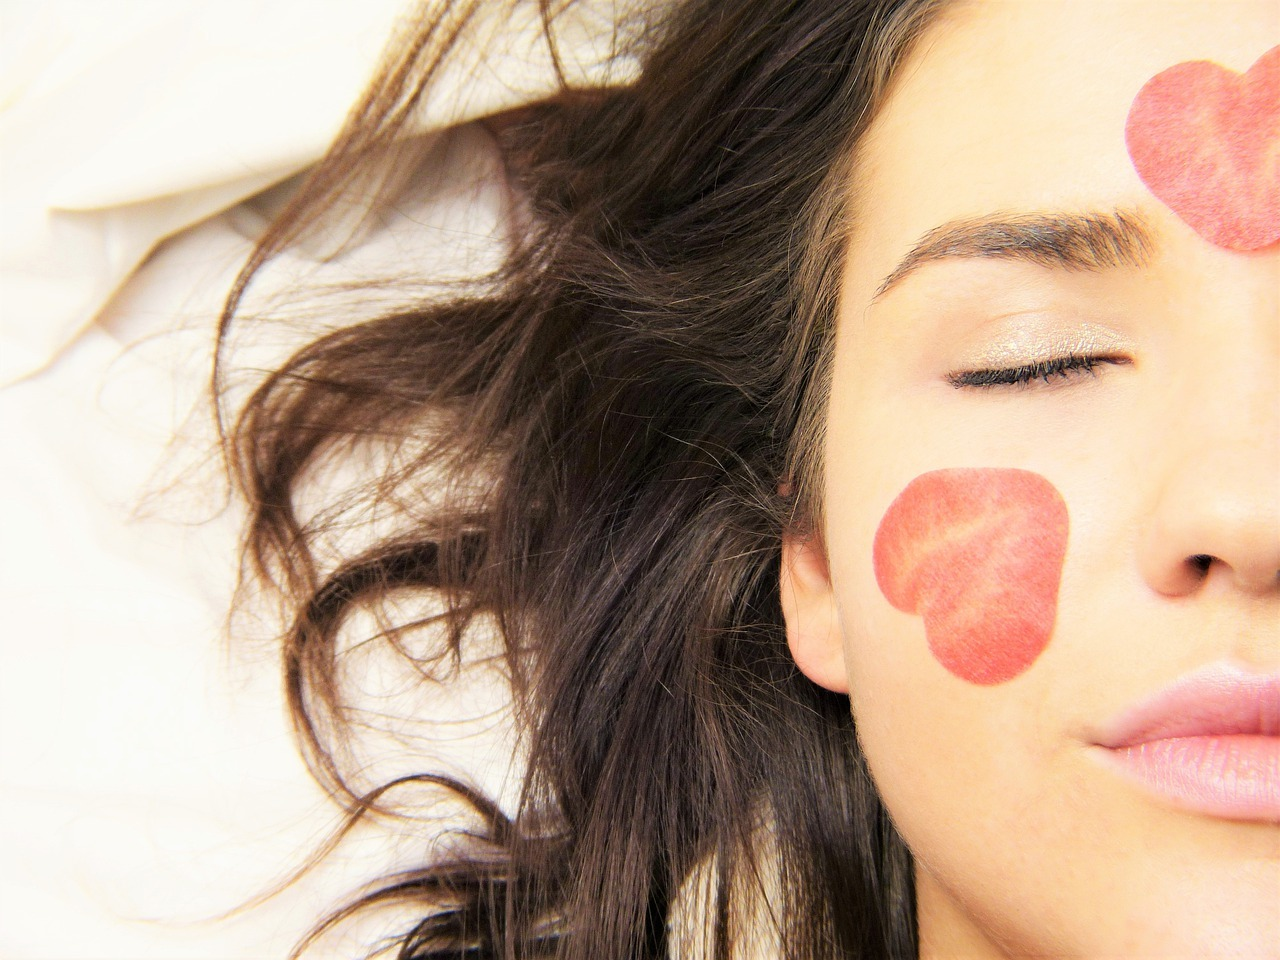 mørkhåret kvinne med jordbærflekker i ansiktet